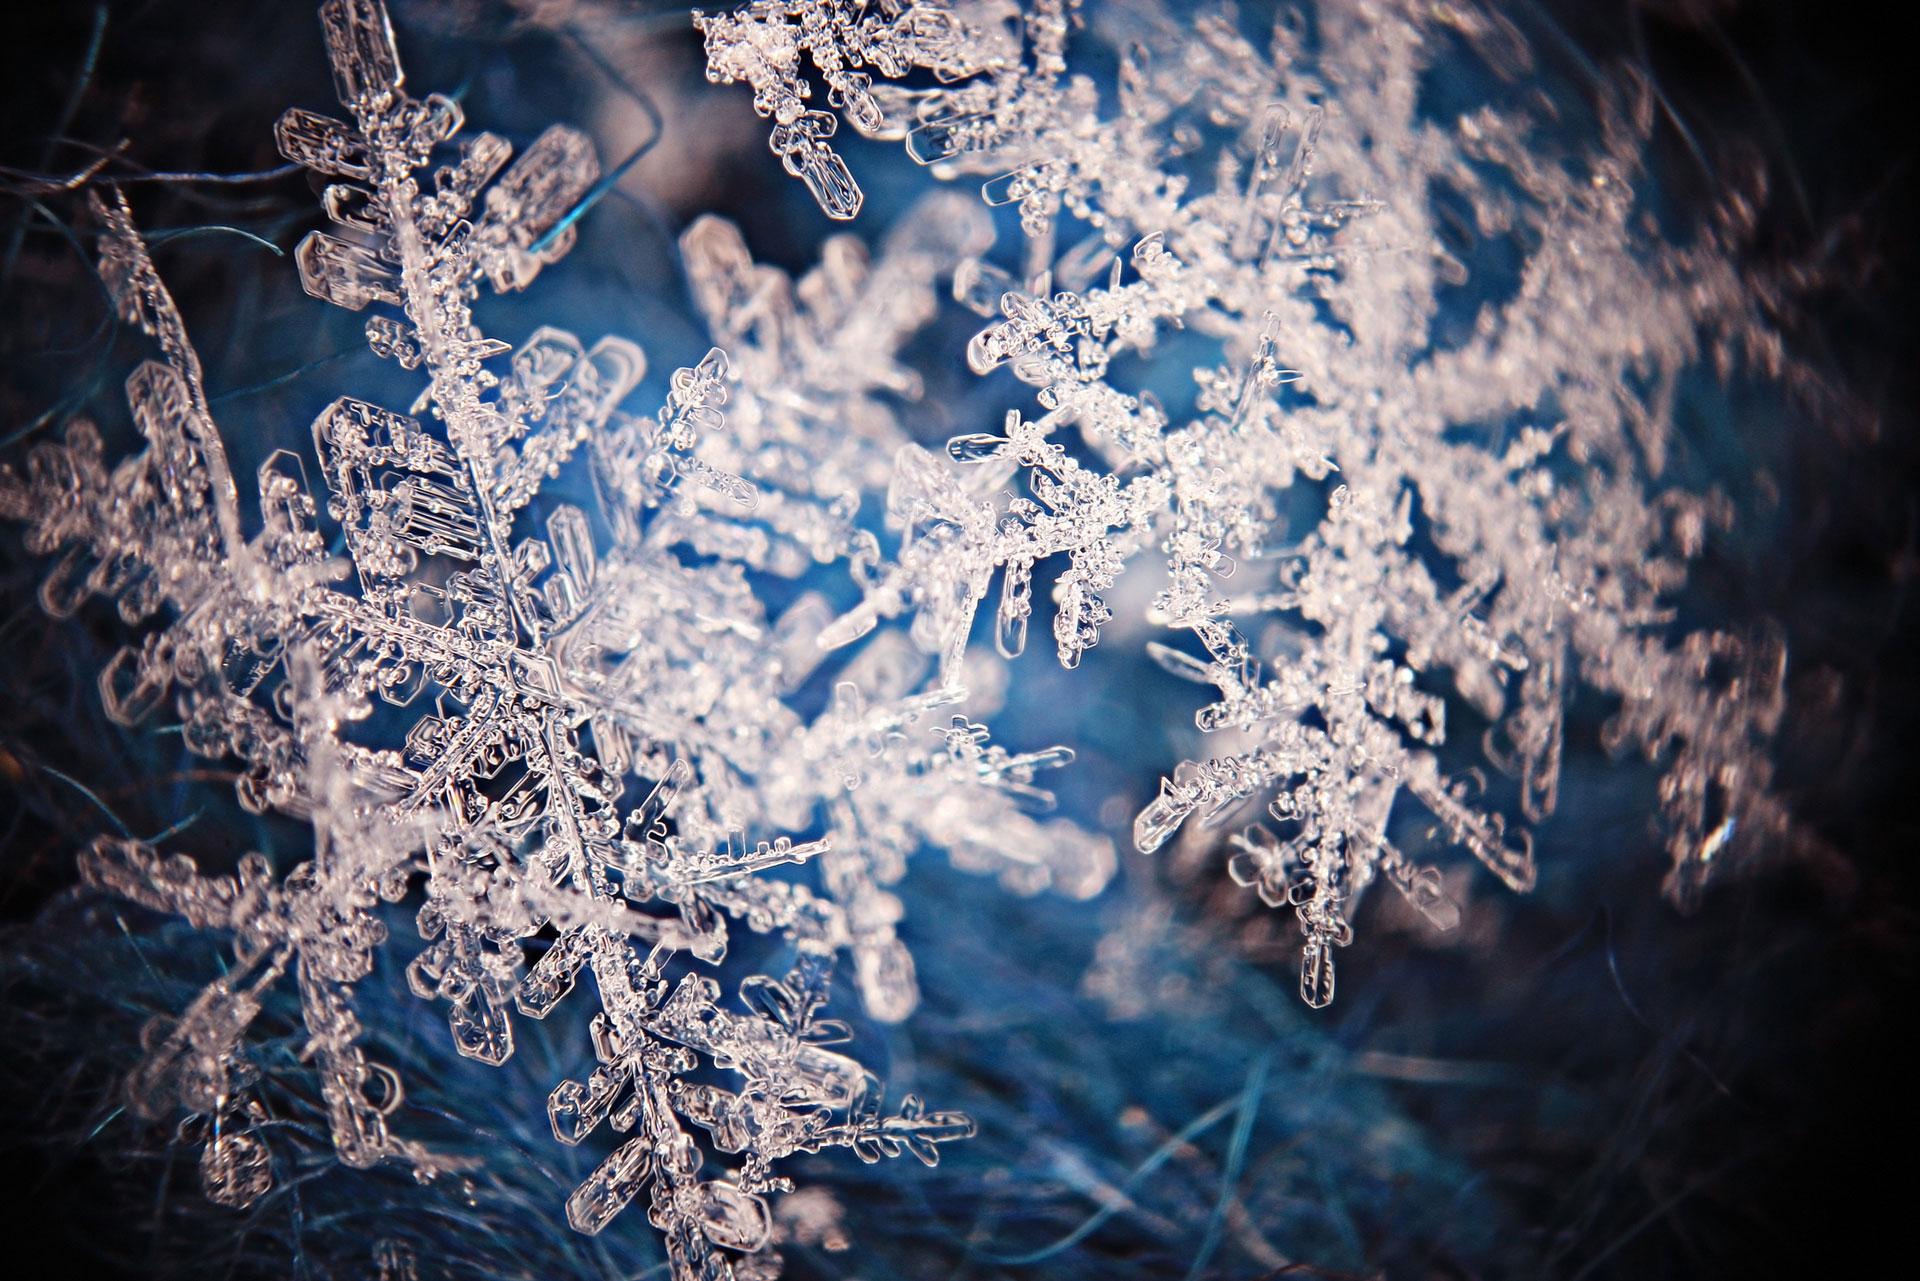 Jak fotit sněhové vločky